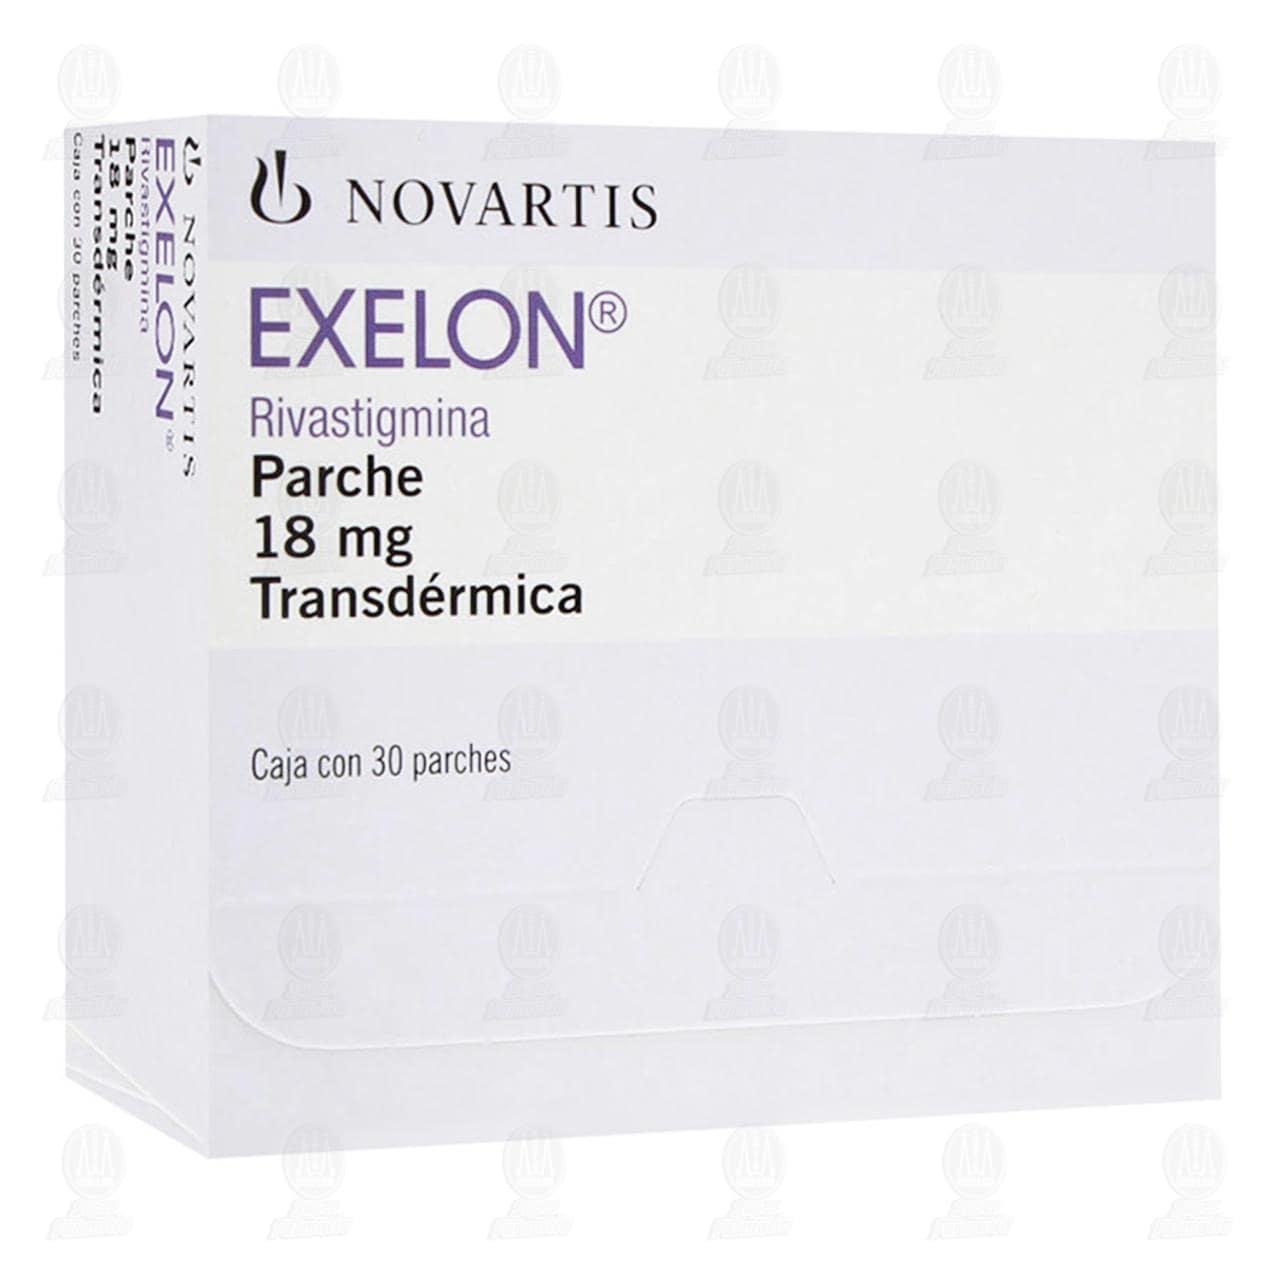 comprar https://www.movil.farmaciasguadalajara.com/wcsstore/FGCAS/wcs/products/1058762_A_1280_AL.jpg en farmacias guadalajara